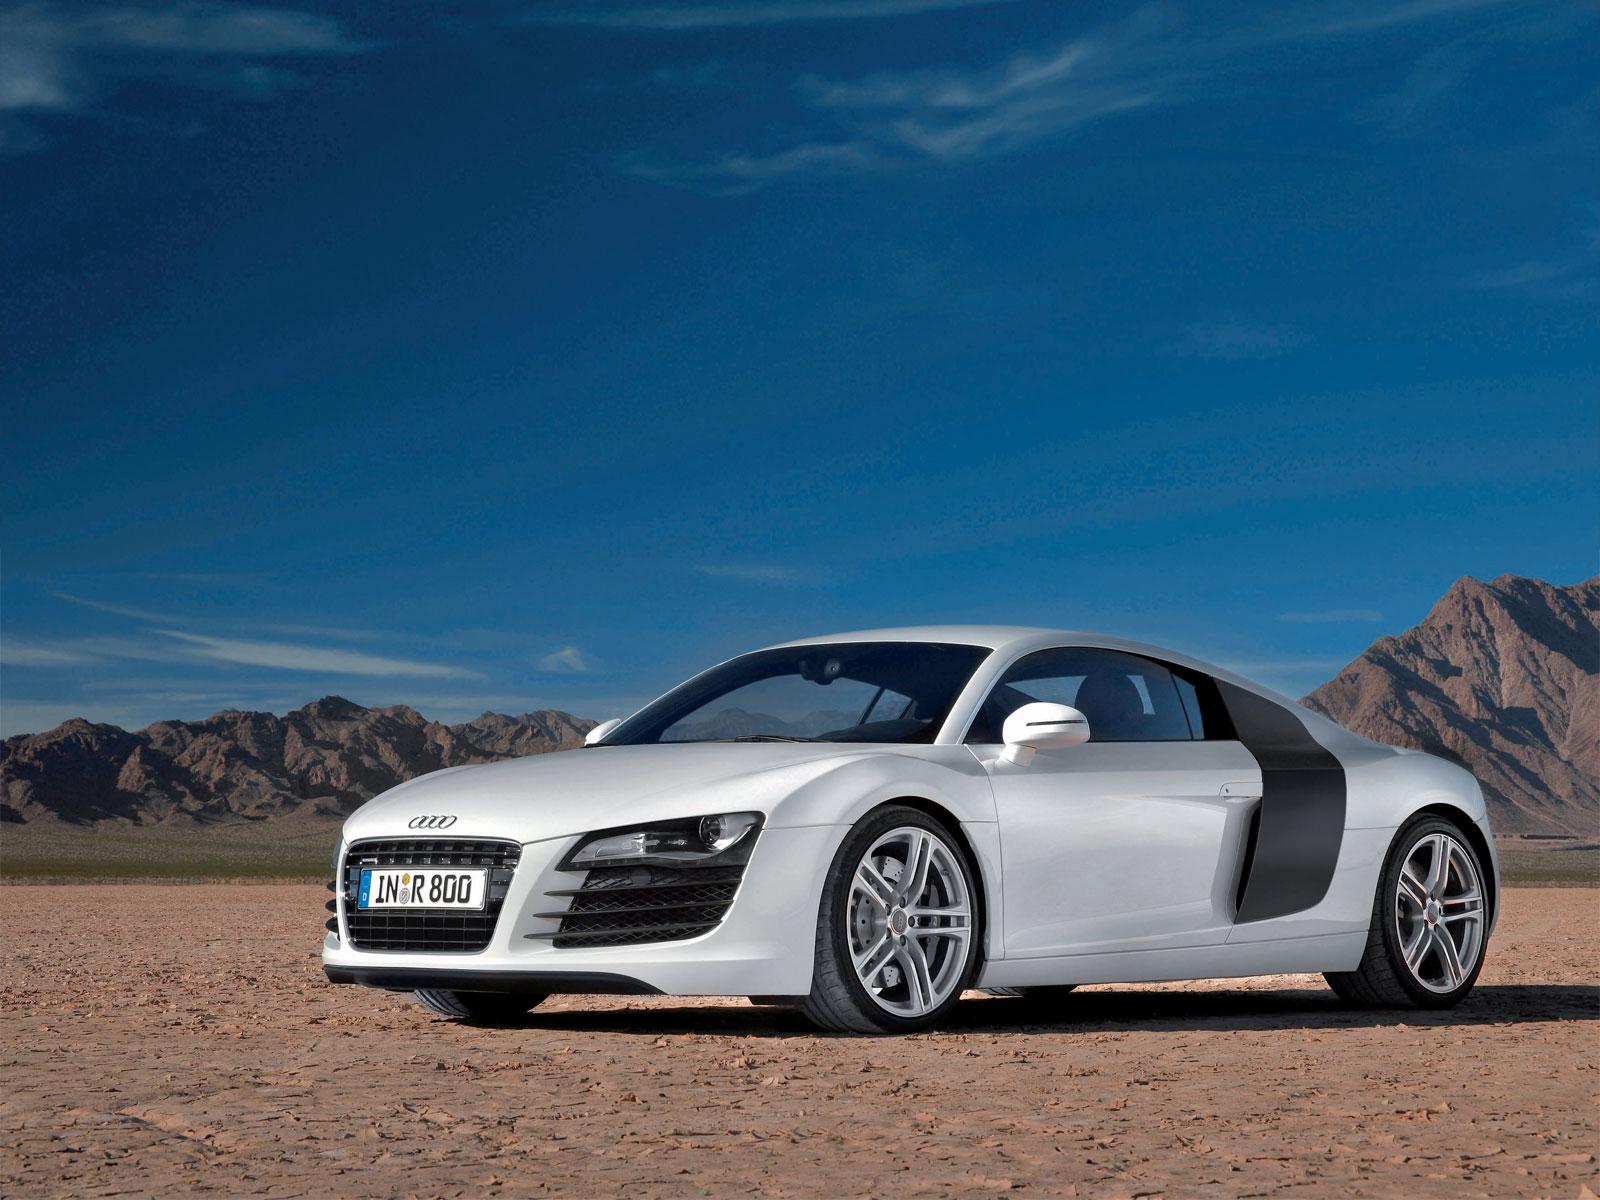 07 the best top desktop cars s audi r8 car